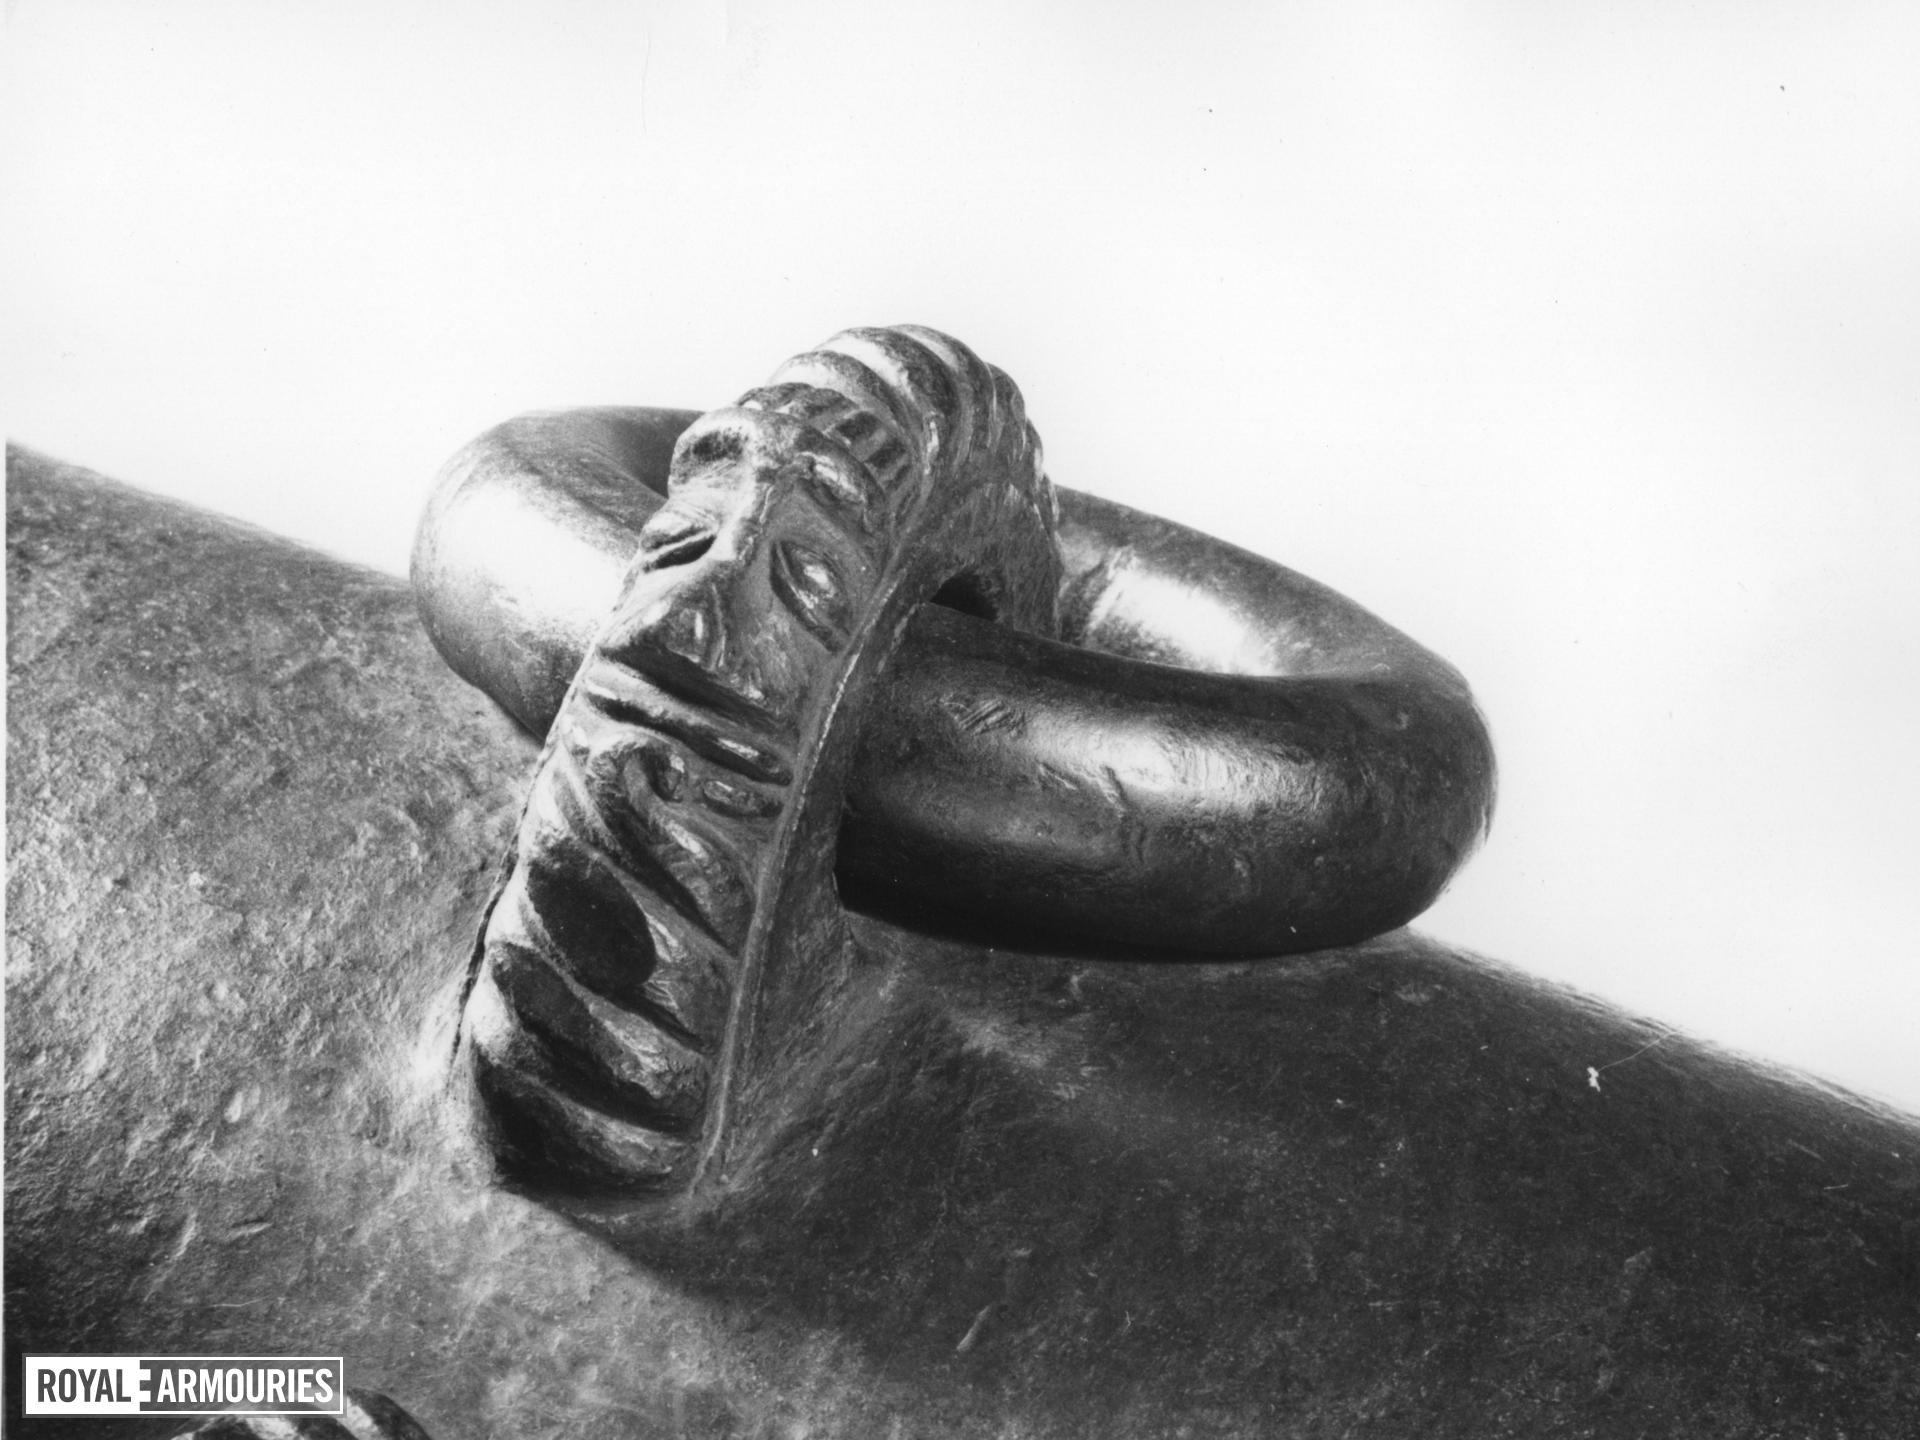 Cannon Made of bronze Cast by Pedro Dias Bocarro